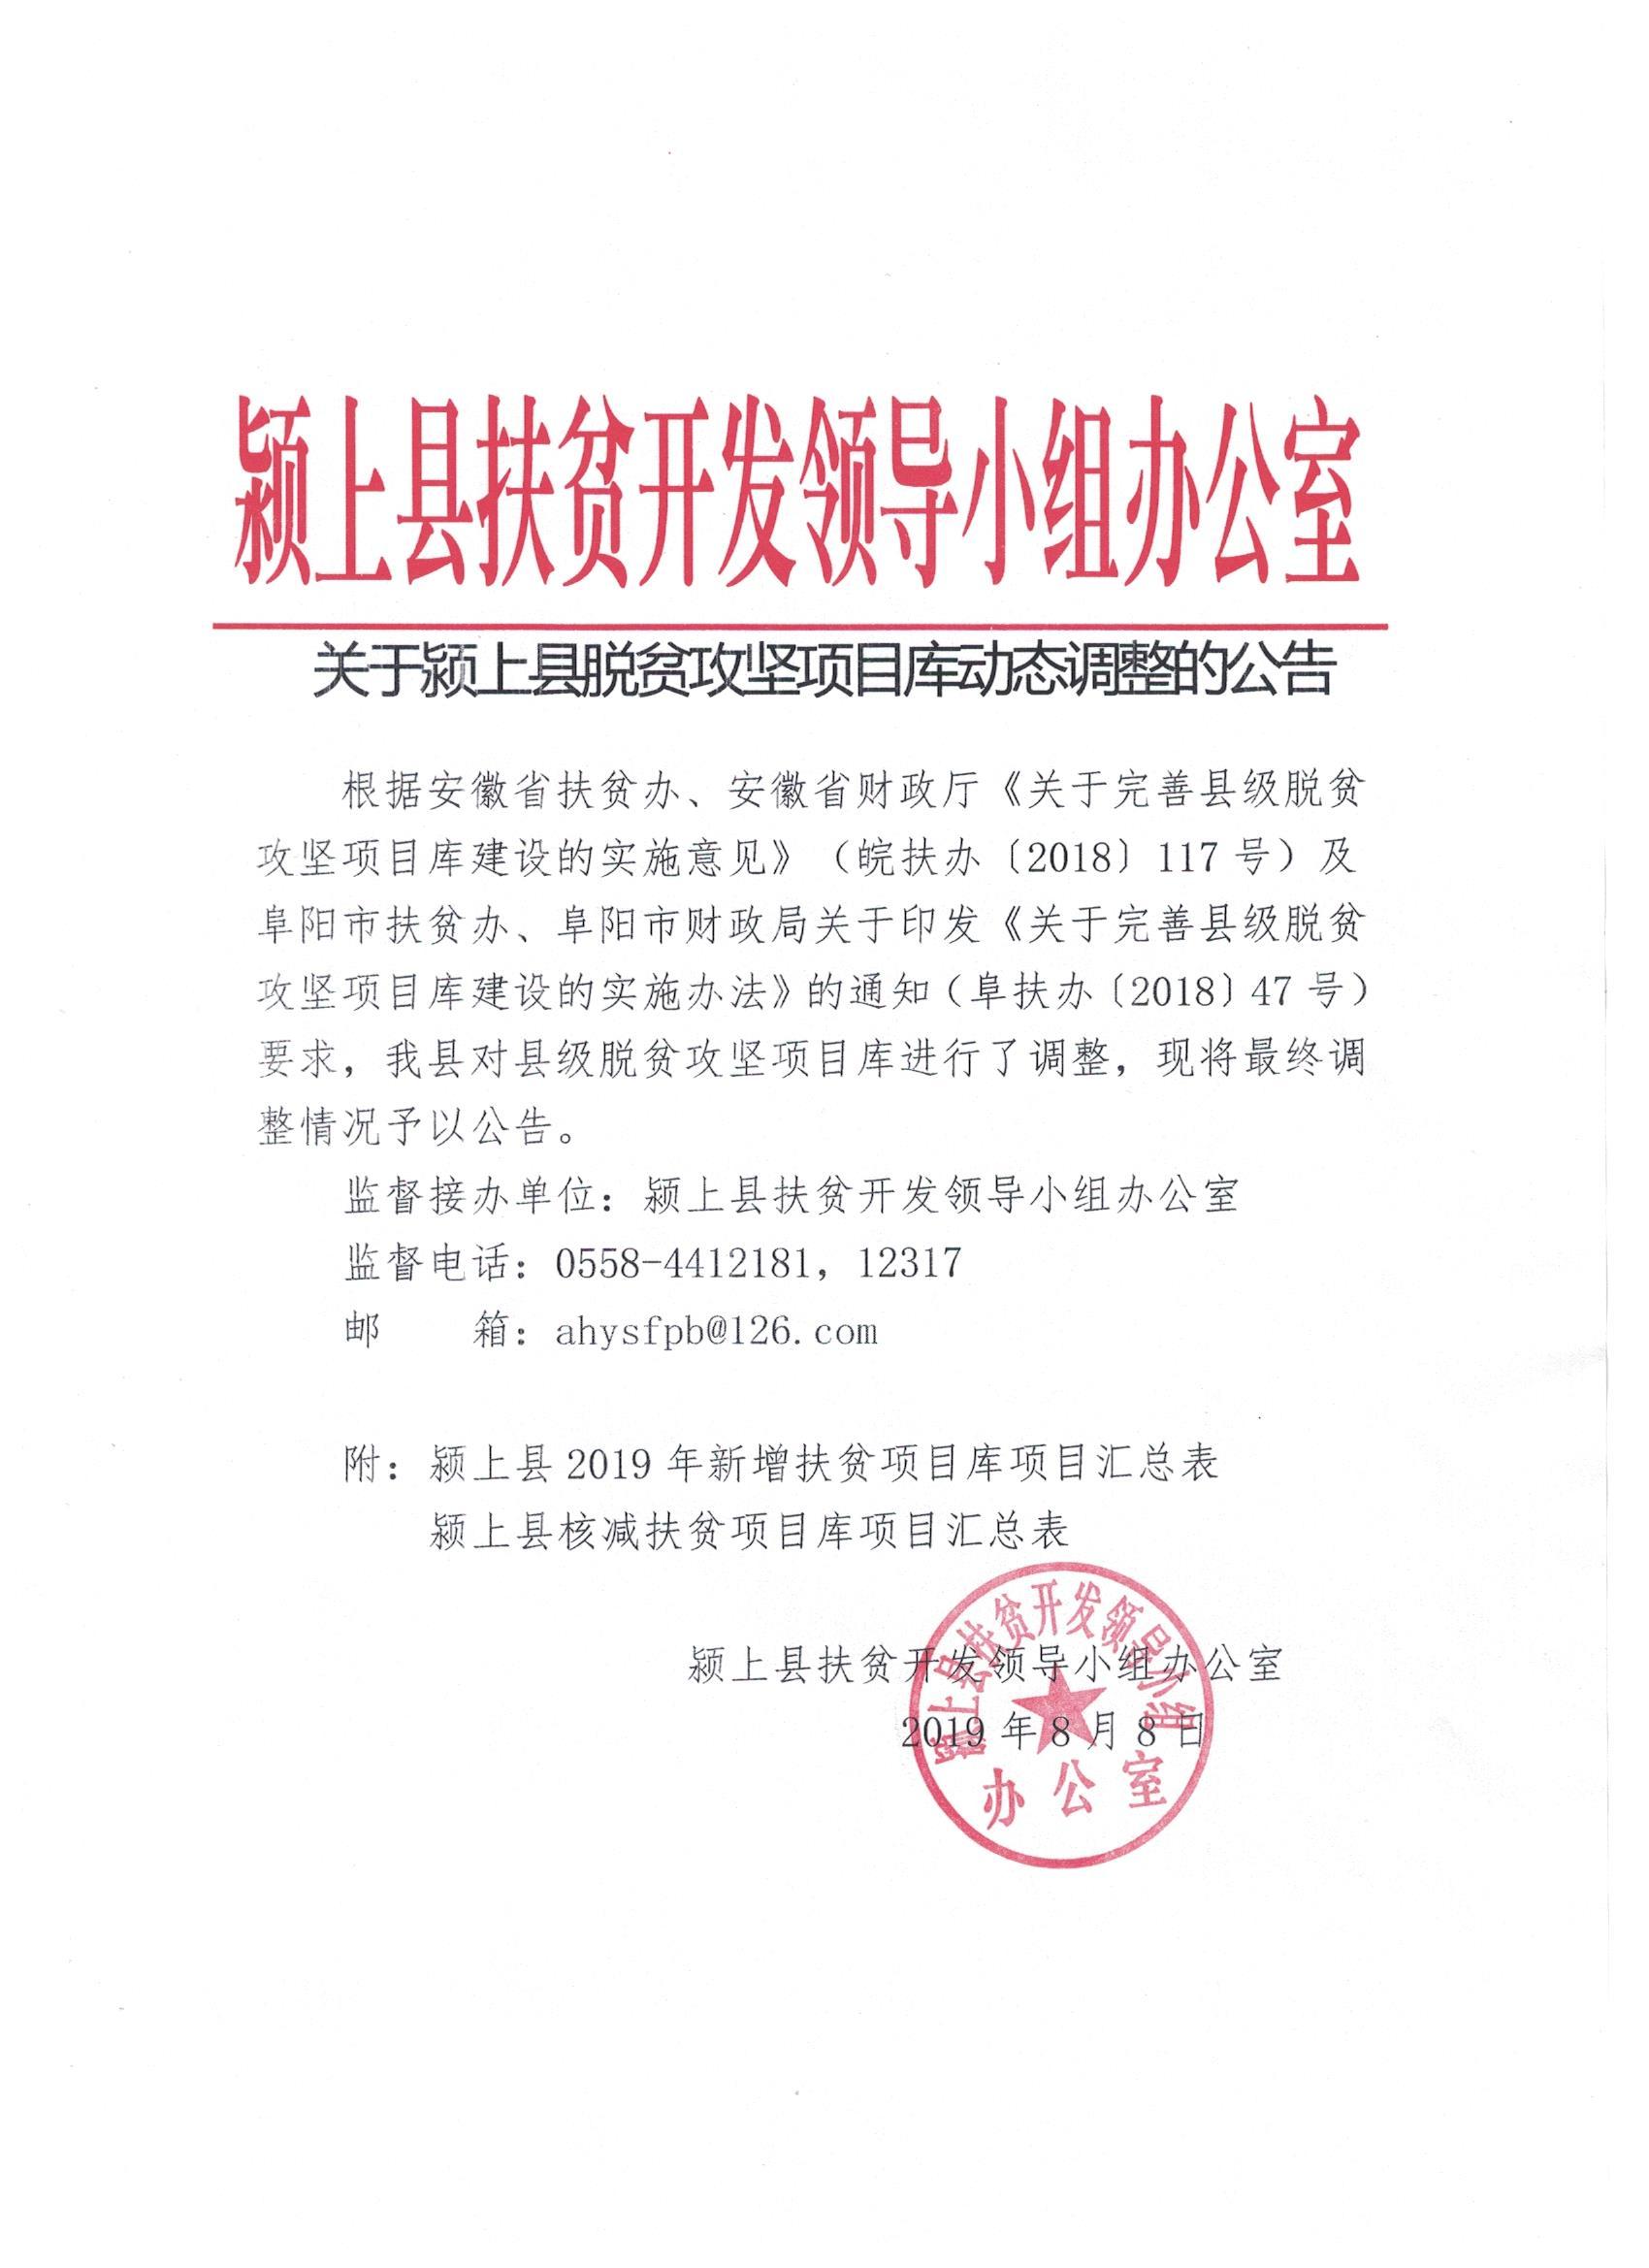 关于颍上县脱贫攻坚项目库动态调整的公告.jpg